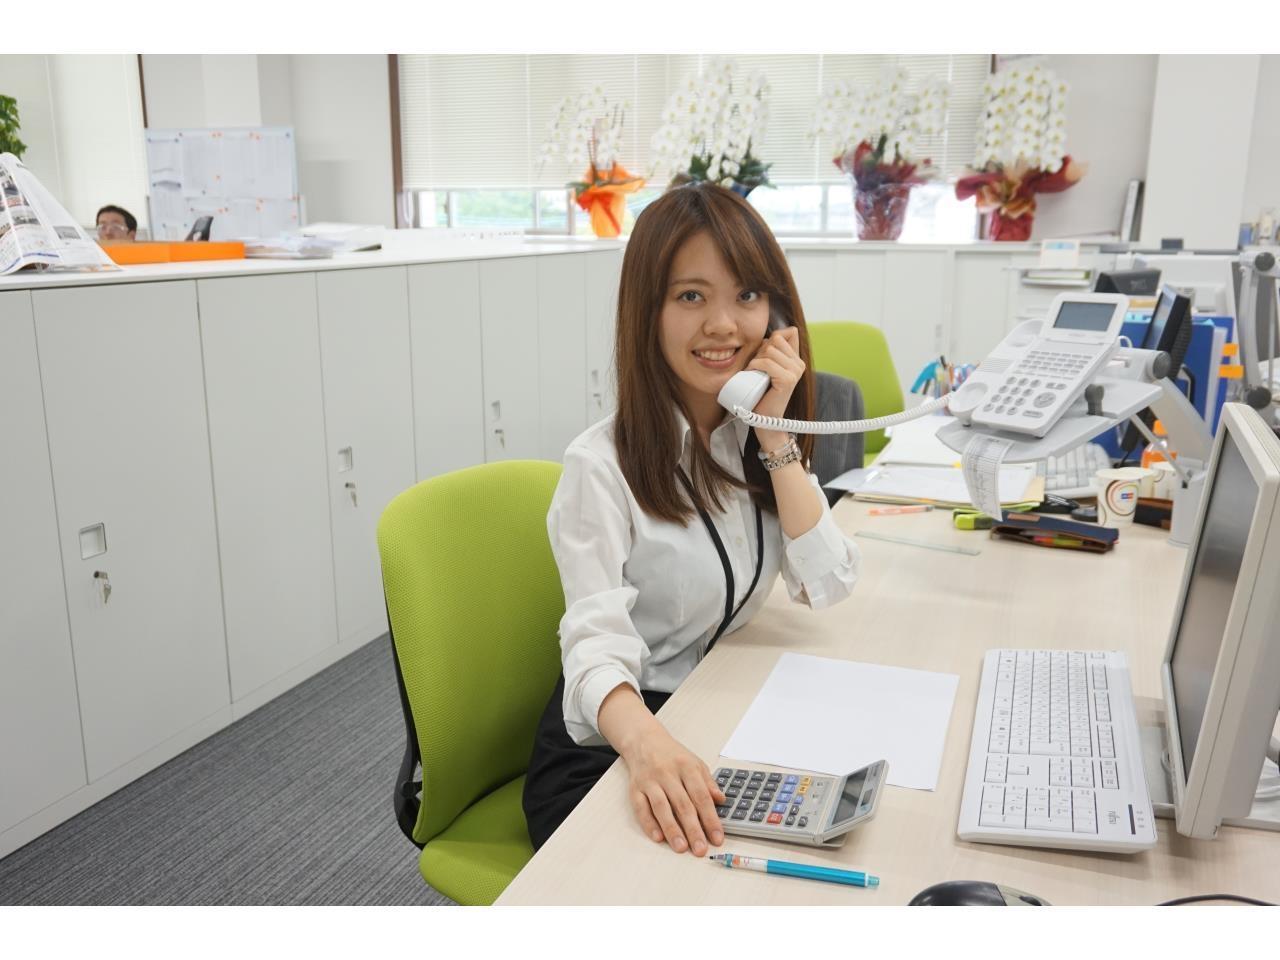 岡山でトップクラスの会計事務所での税理士・税理士補助業務